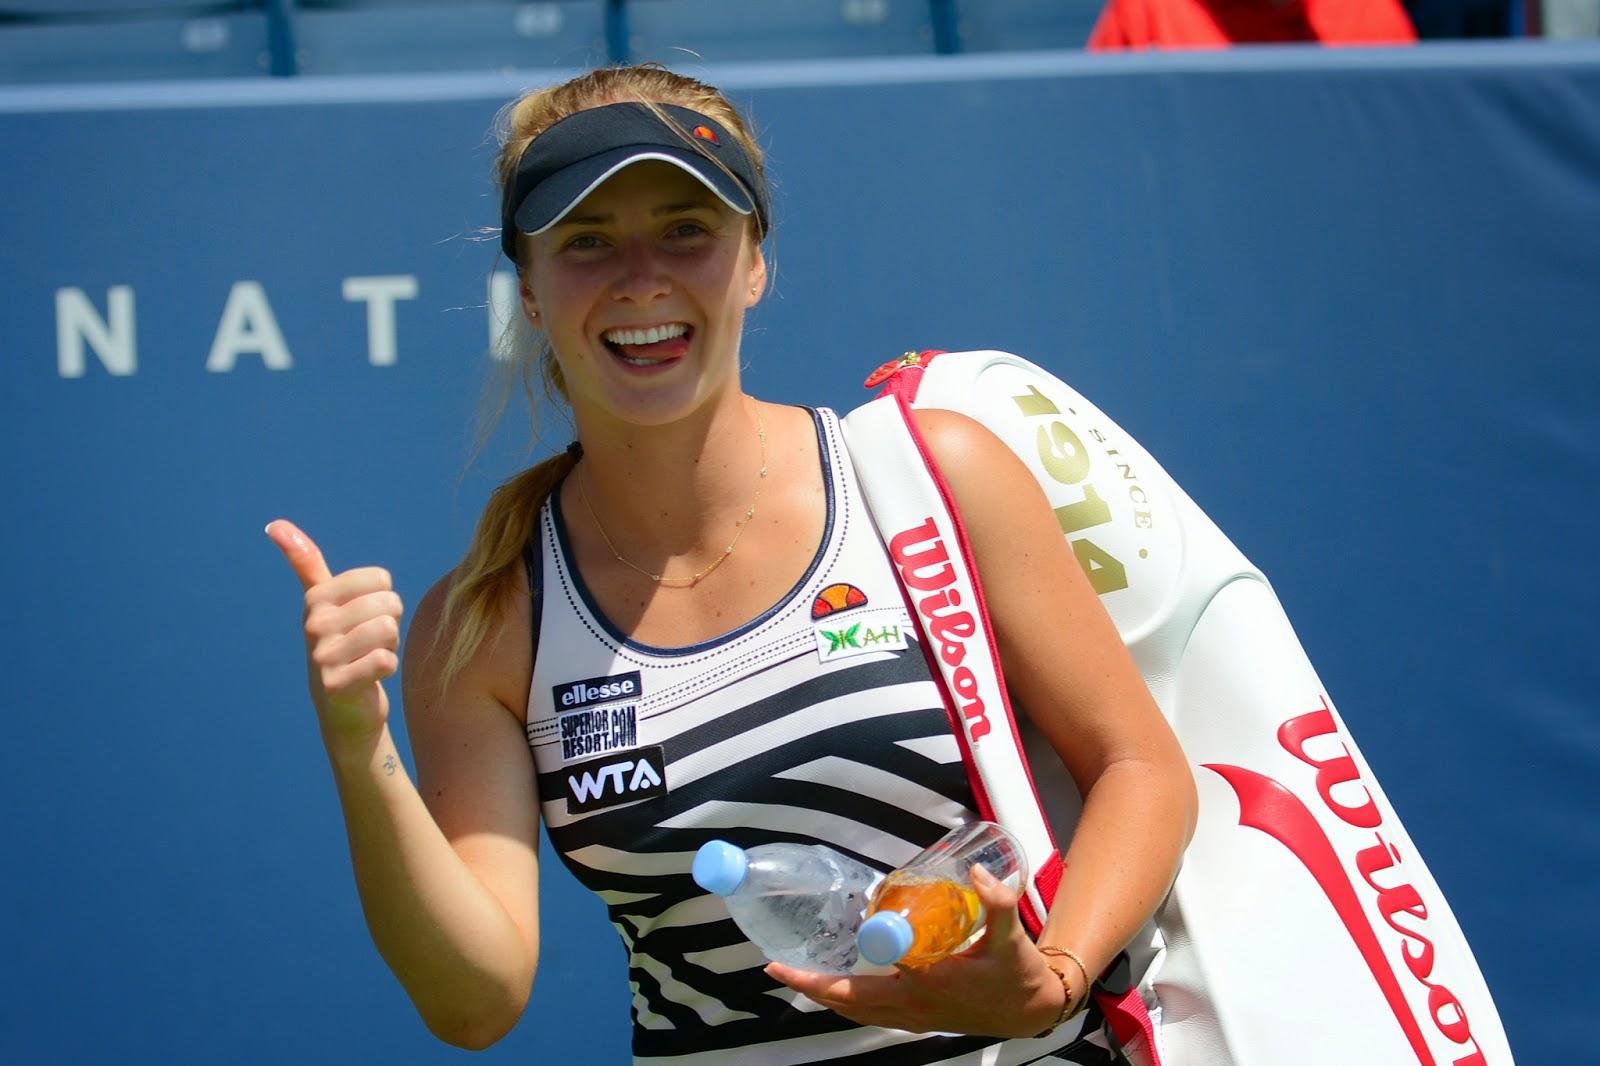 Элина Свитолина вышла в четвертьфинал теннисного турнира в Стэнфорде